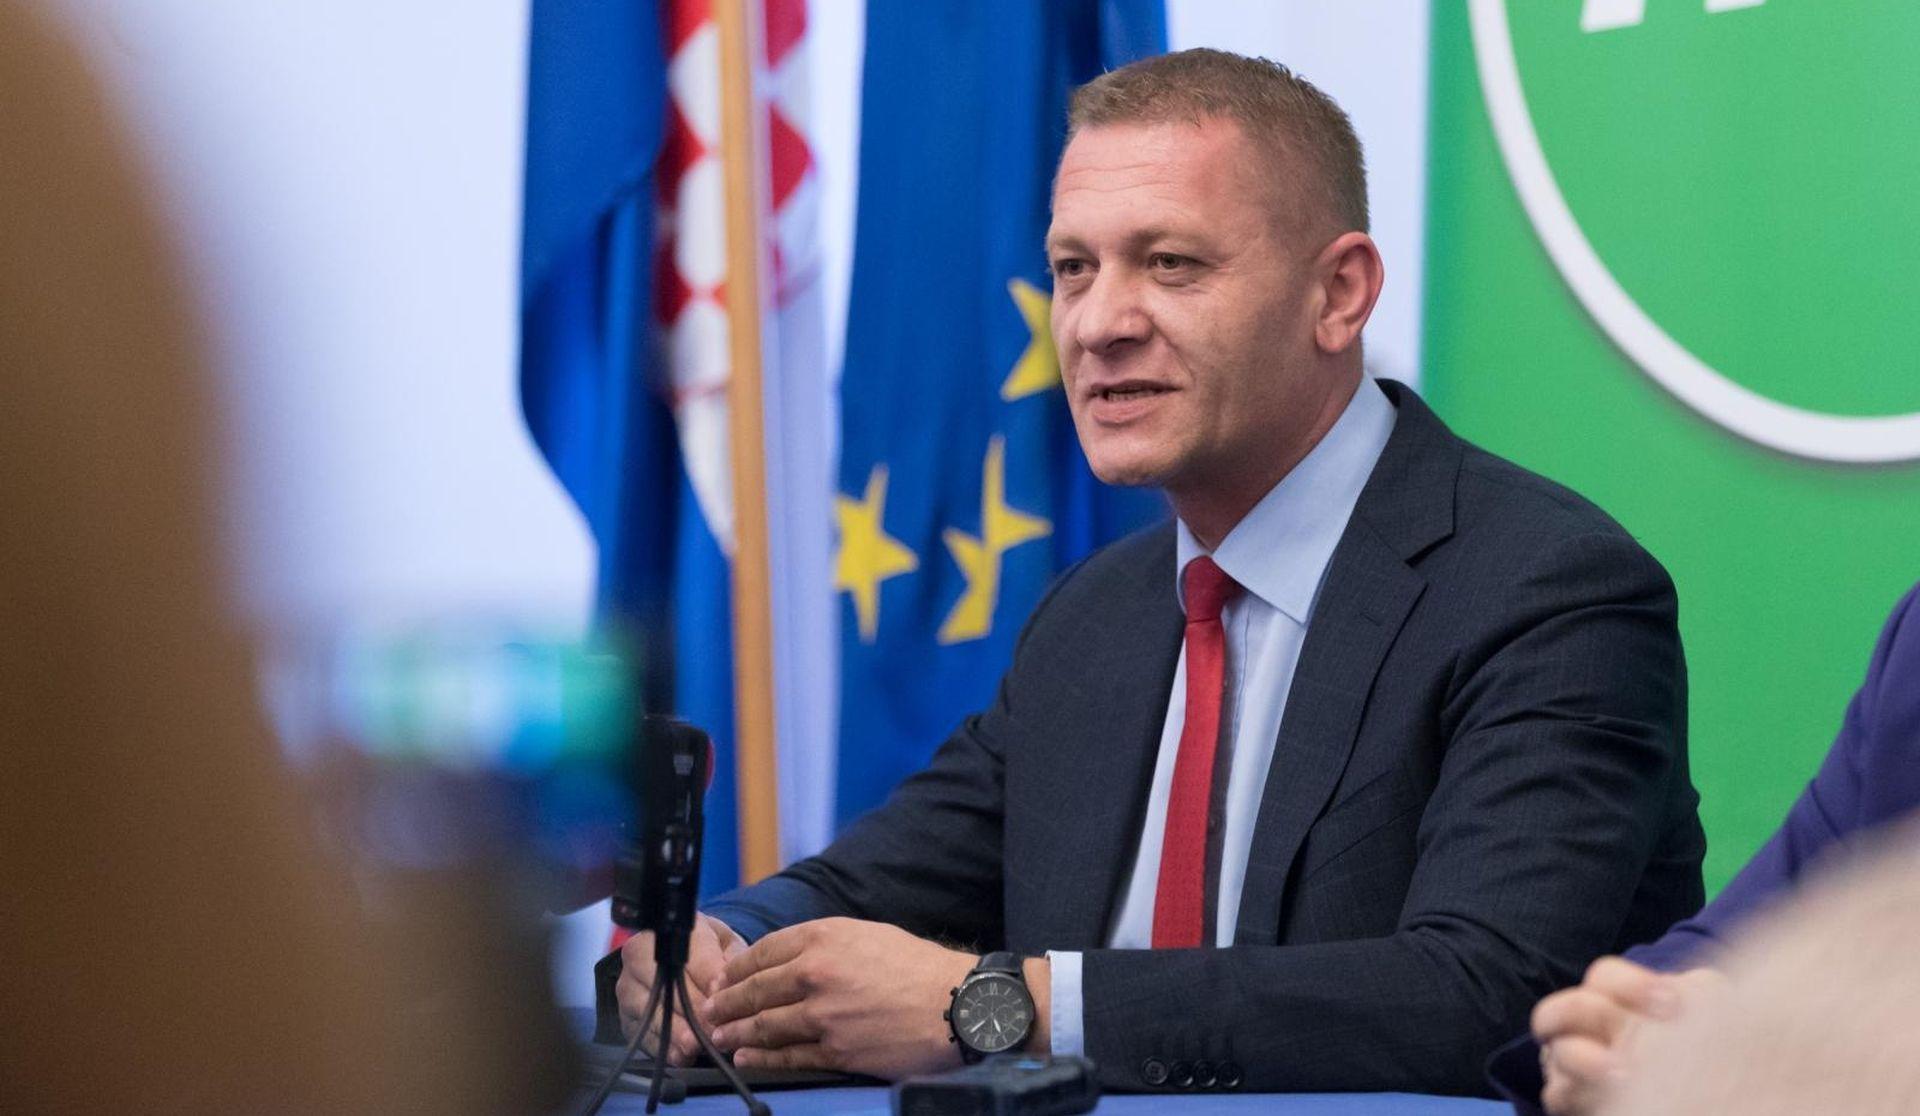 """BELJAK """"To nije klub Milana Bandića nego Andreja Plenkovića"""""""